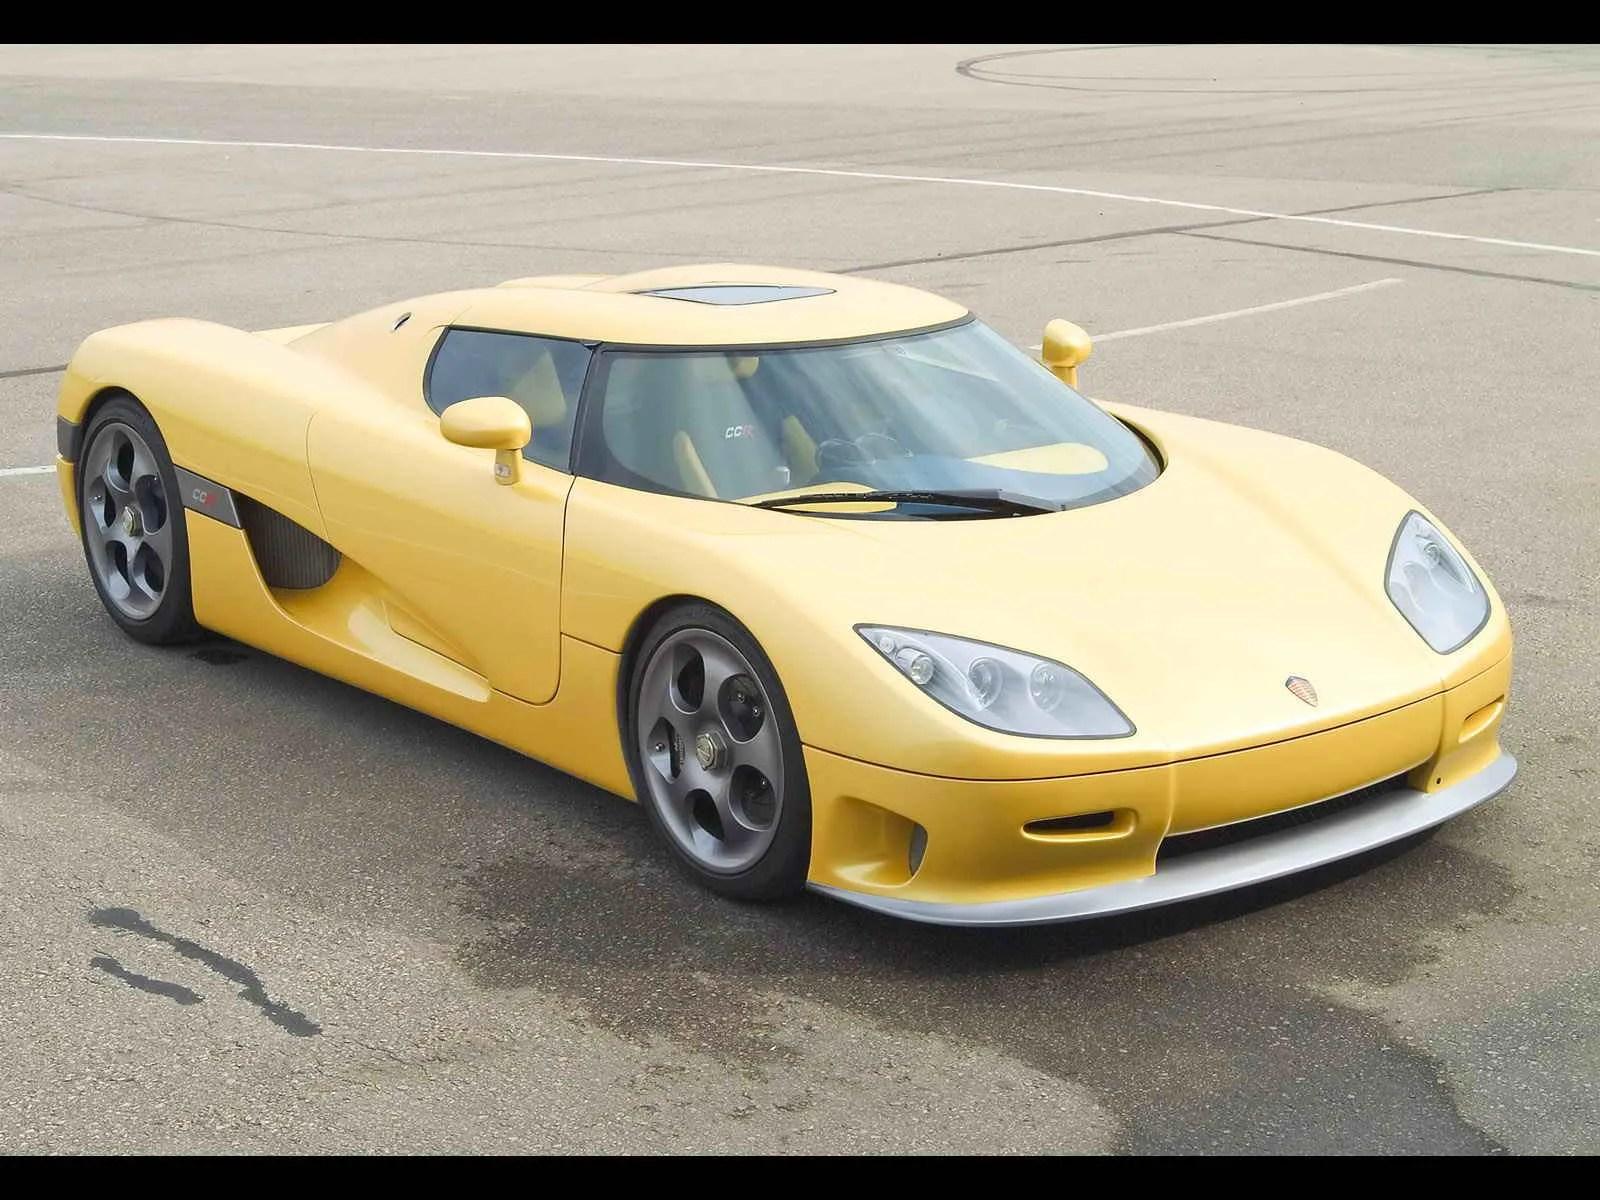 Exotic Car Photos Wallpaper 2004 Koenigsegg Ccr Top Speed